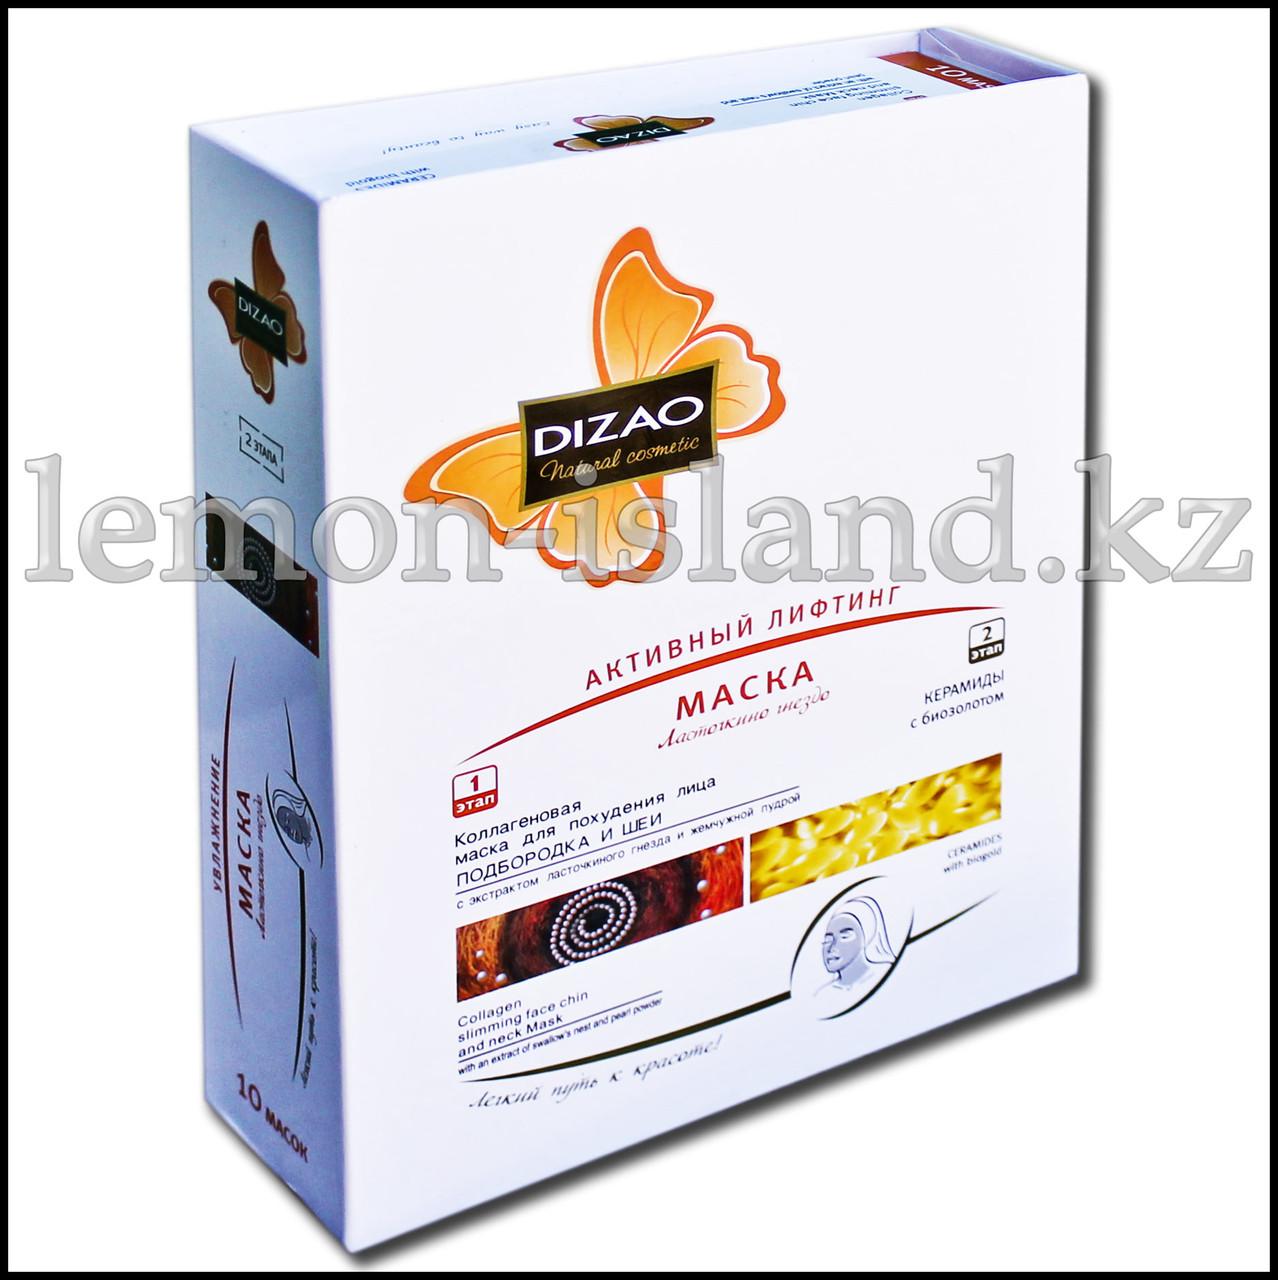 Маска для лица и шеи Dizao тканевая двухкомпонентная с экстрактом ласточкиного гнезда.